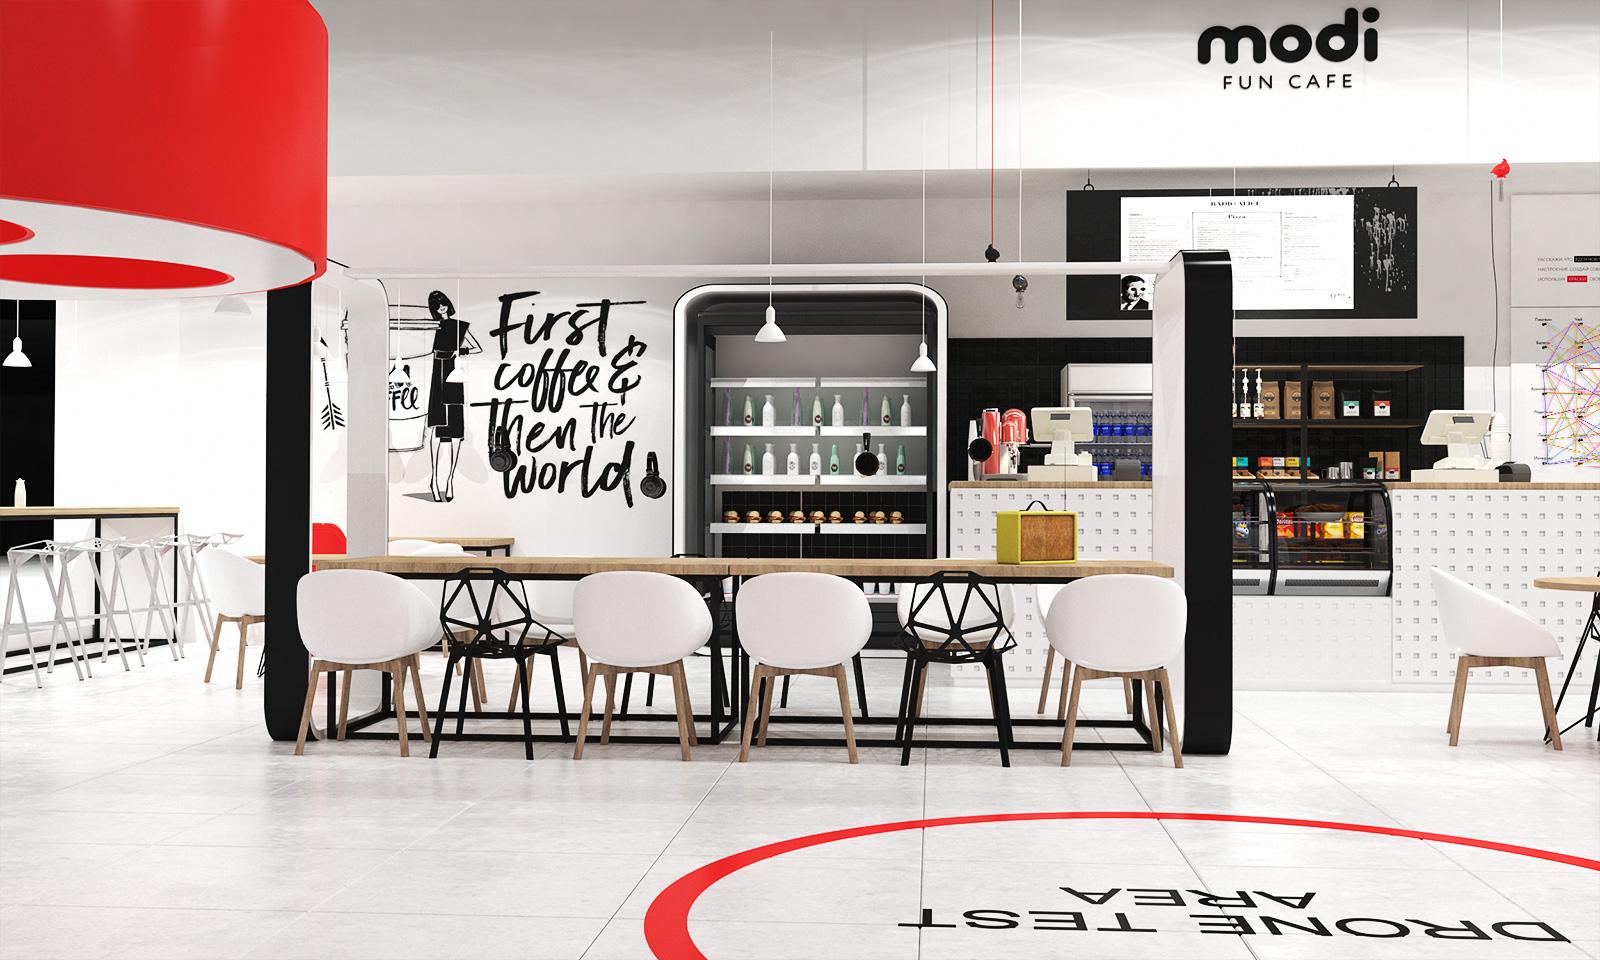 Modi всегда в моде —это касается не только актуального дизайна и ежемесячной смены коллекций, но также дизайн кафе и его меню.